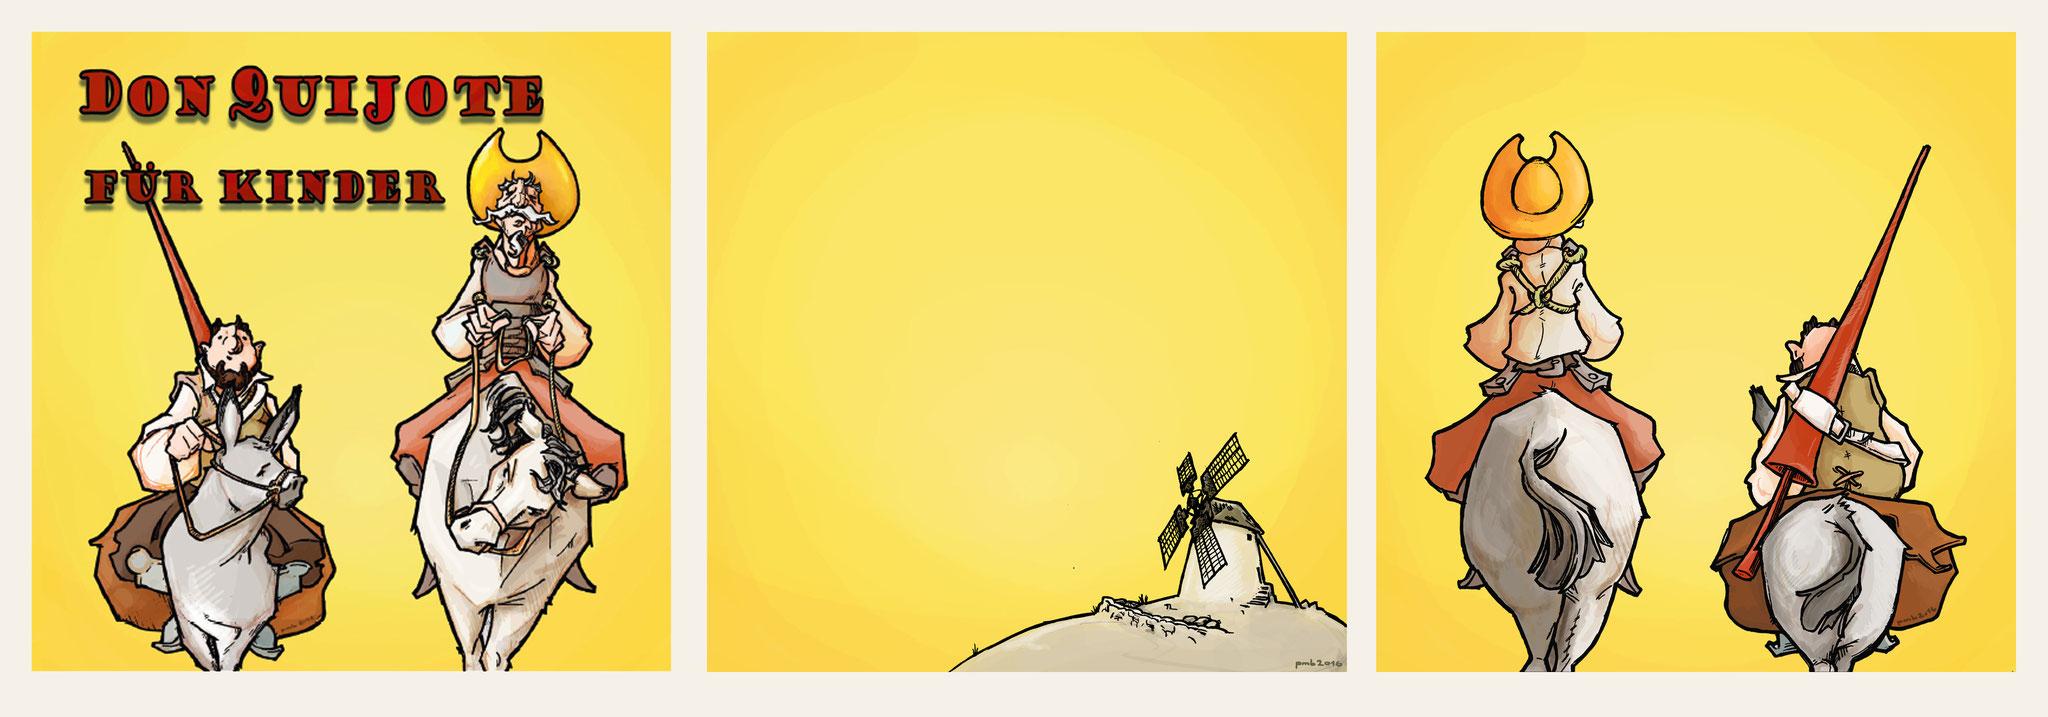 """CD-Cover eines Hörbuchs für Kinder von Cervantes' """"Don Quijote"""" von Christian Bergmann für das Instituto Cervantes, Bremen."""